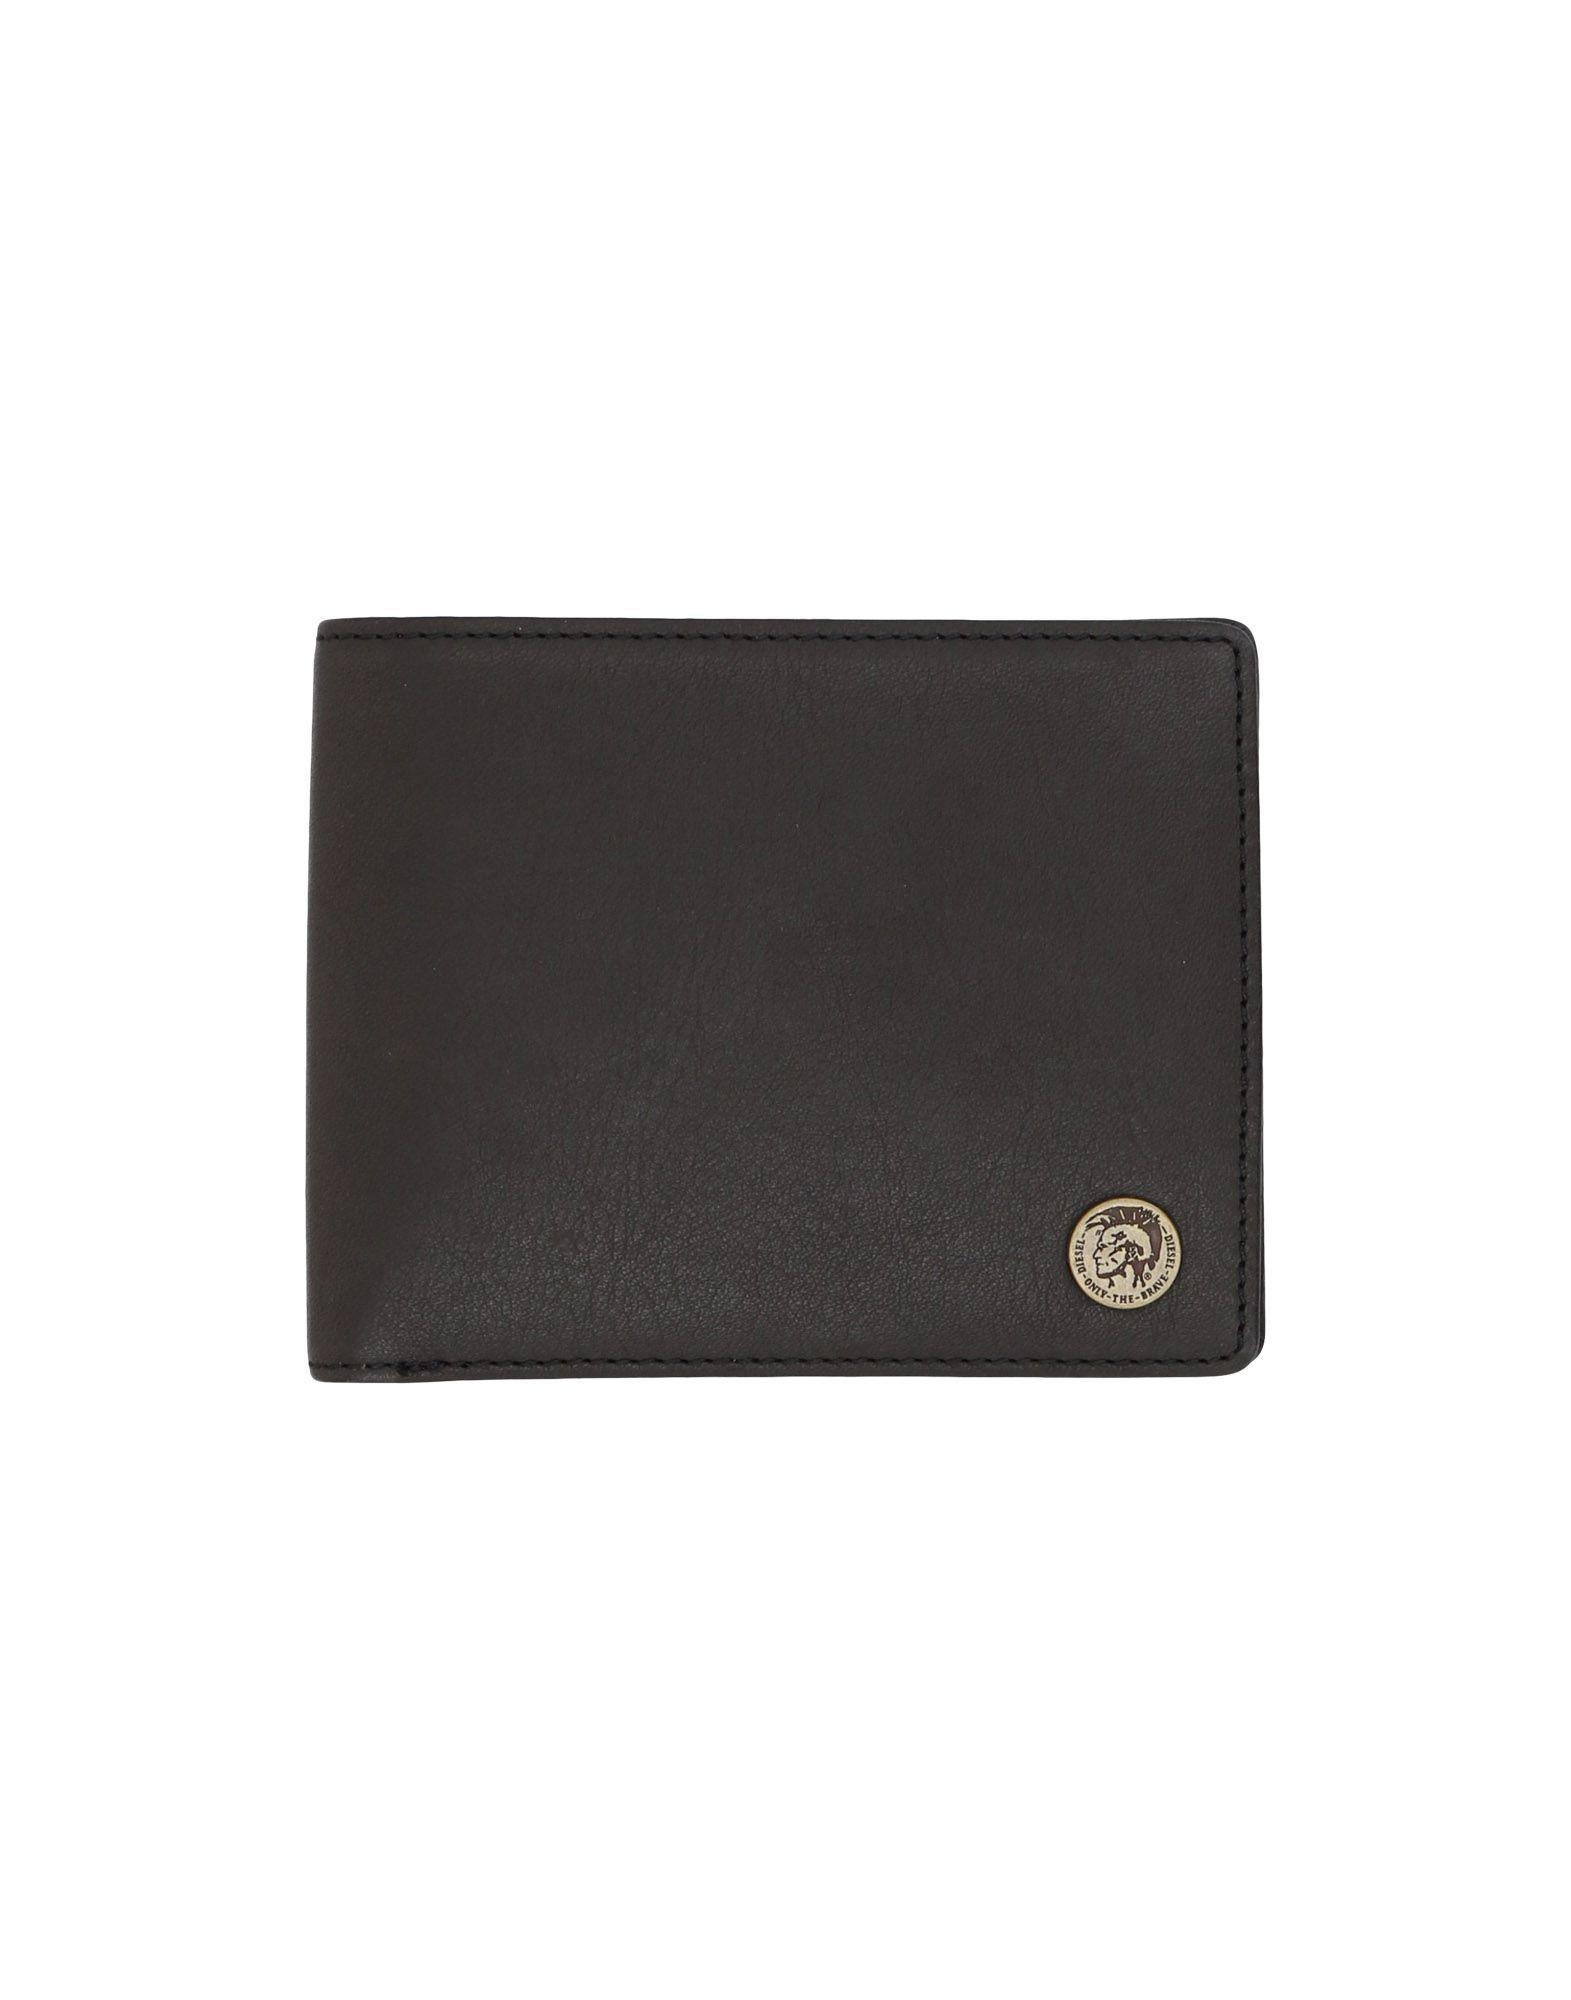 《送料無料》DIESEL メンズ 財布 ブラック 羊類革 100%